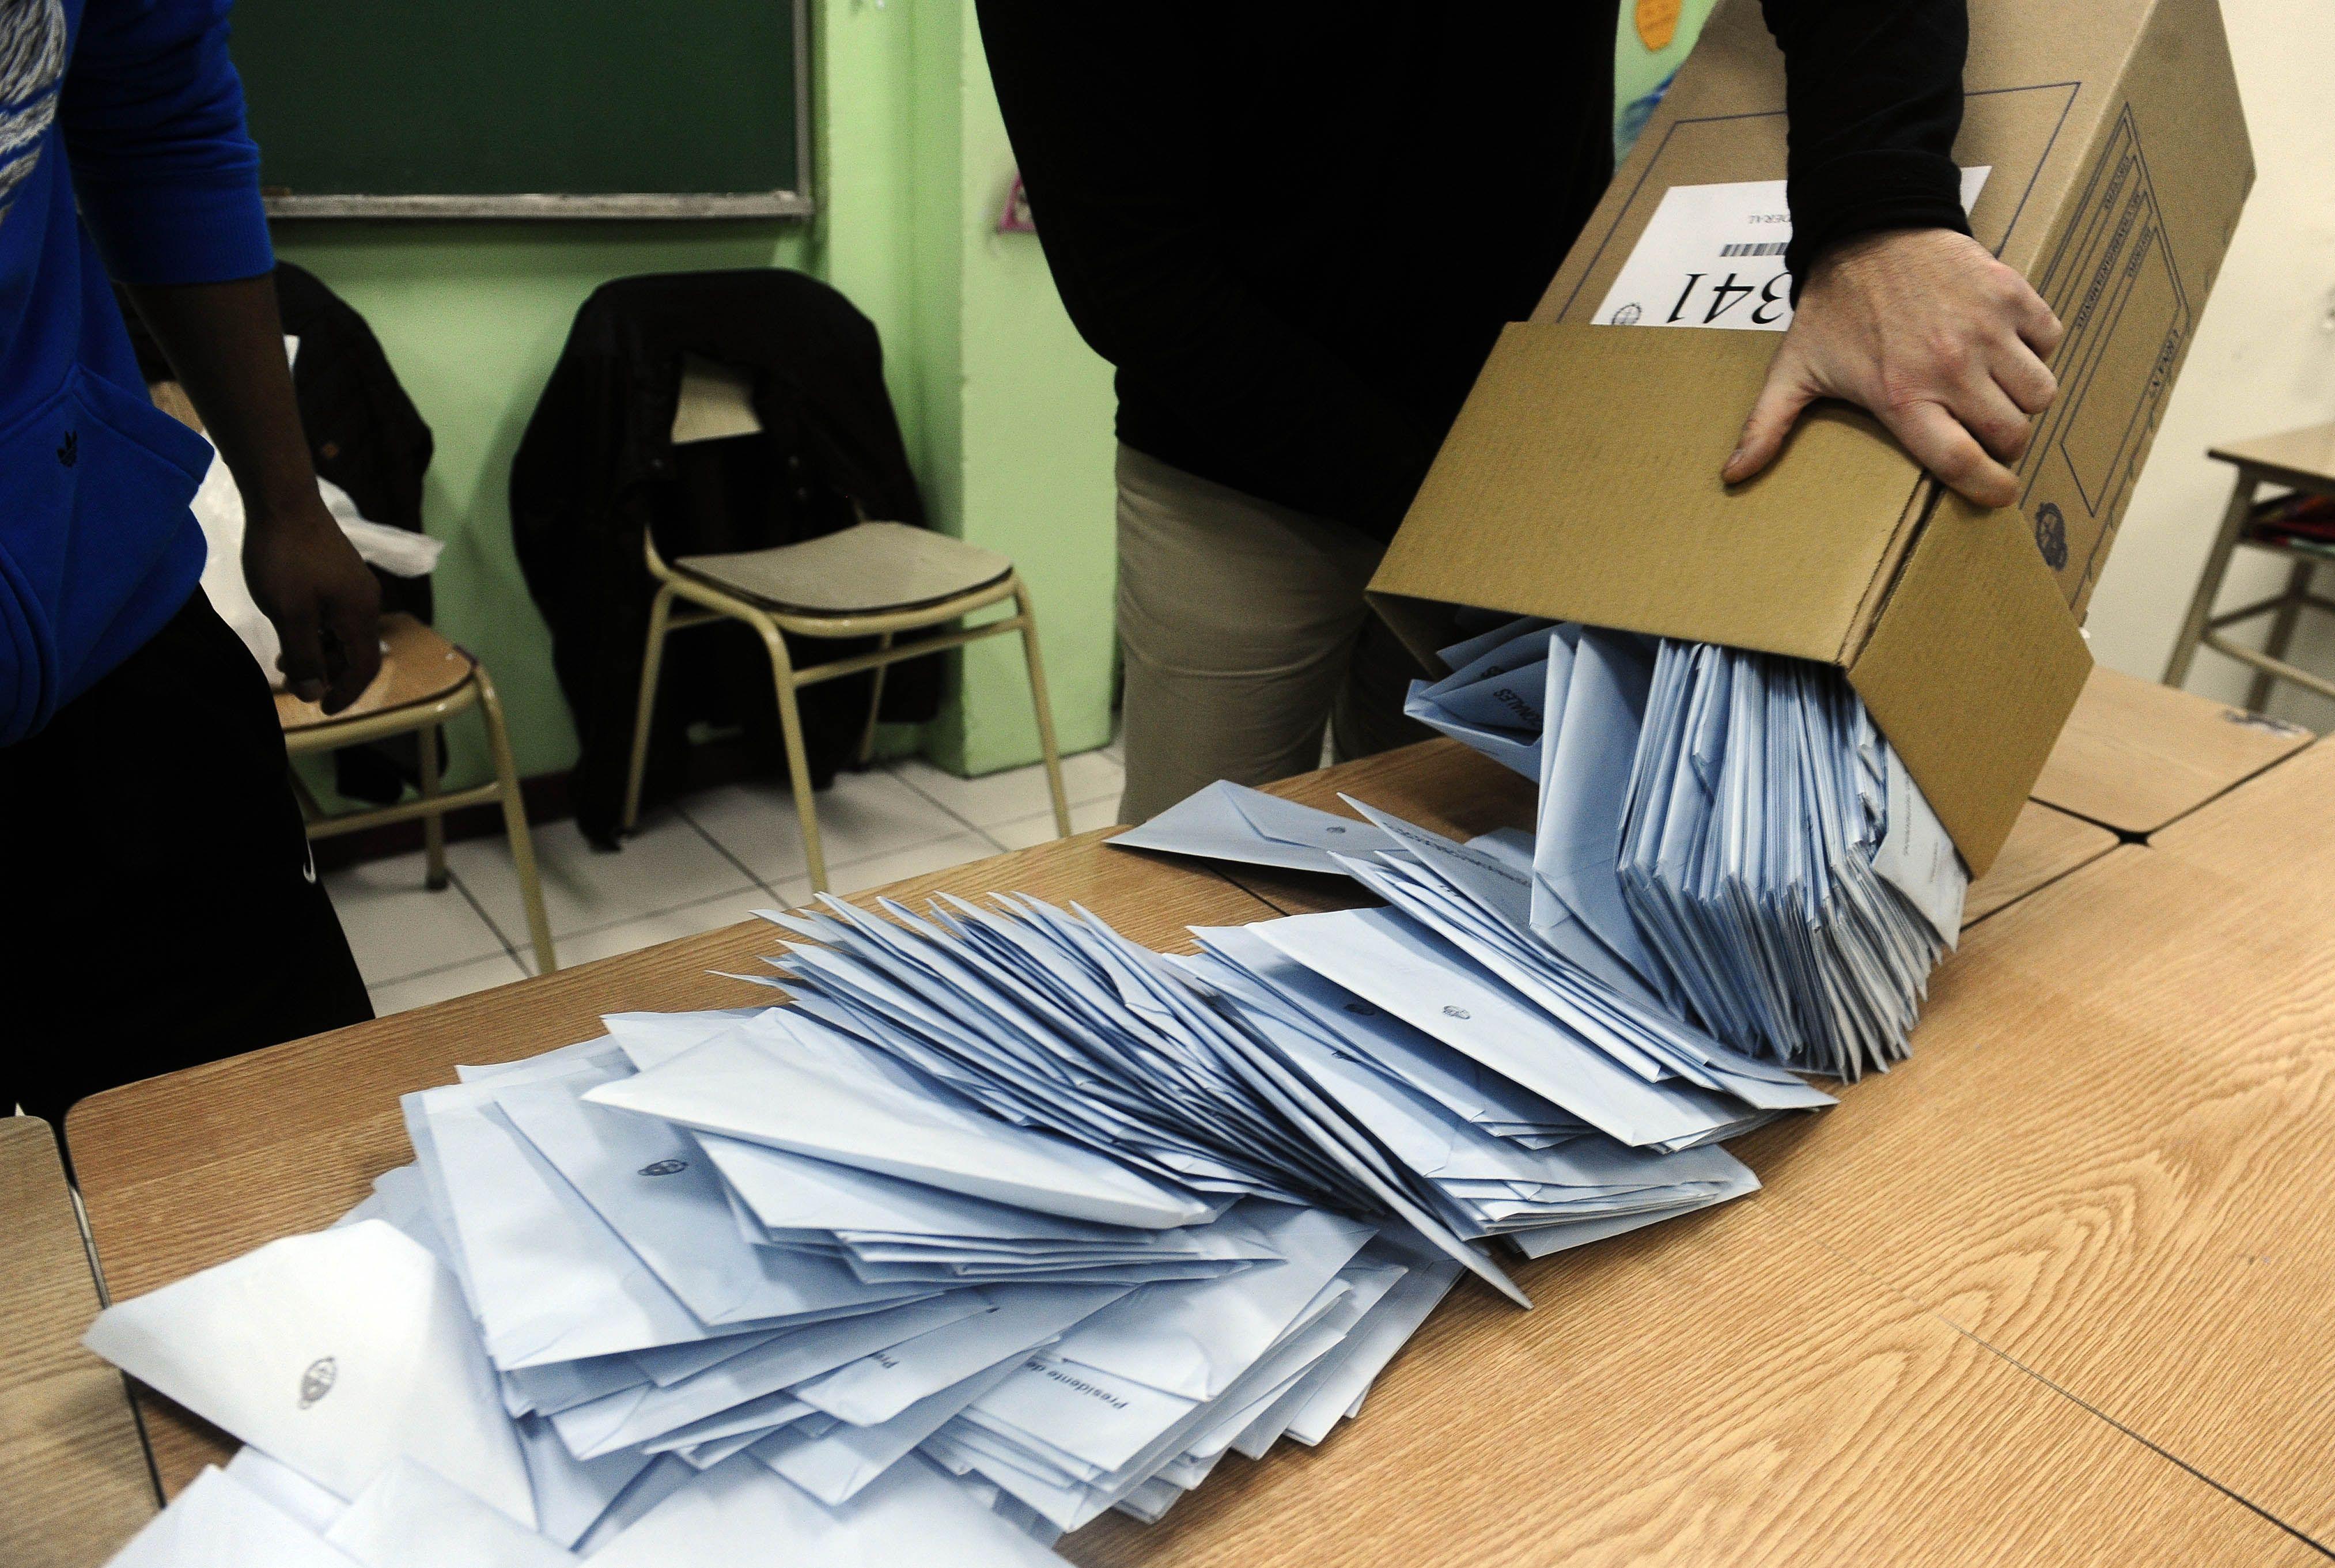 El juez Durán debe definir qué hace con las urnas denunciadas por Solá